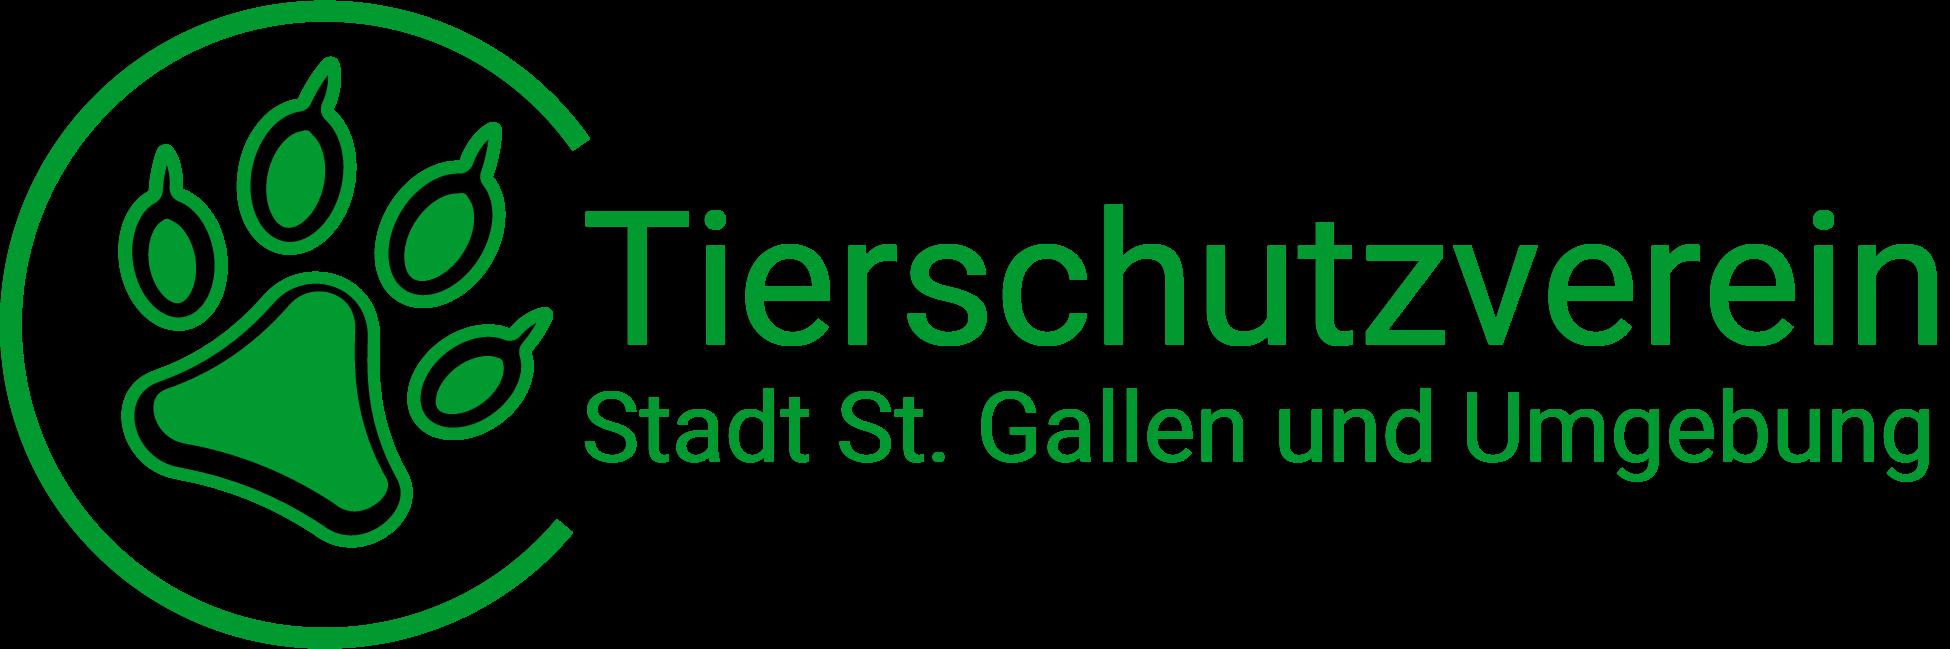 Tierschutzverein der Stadt St. Gallen und Umgebung